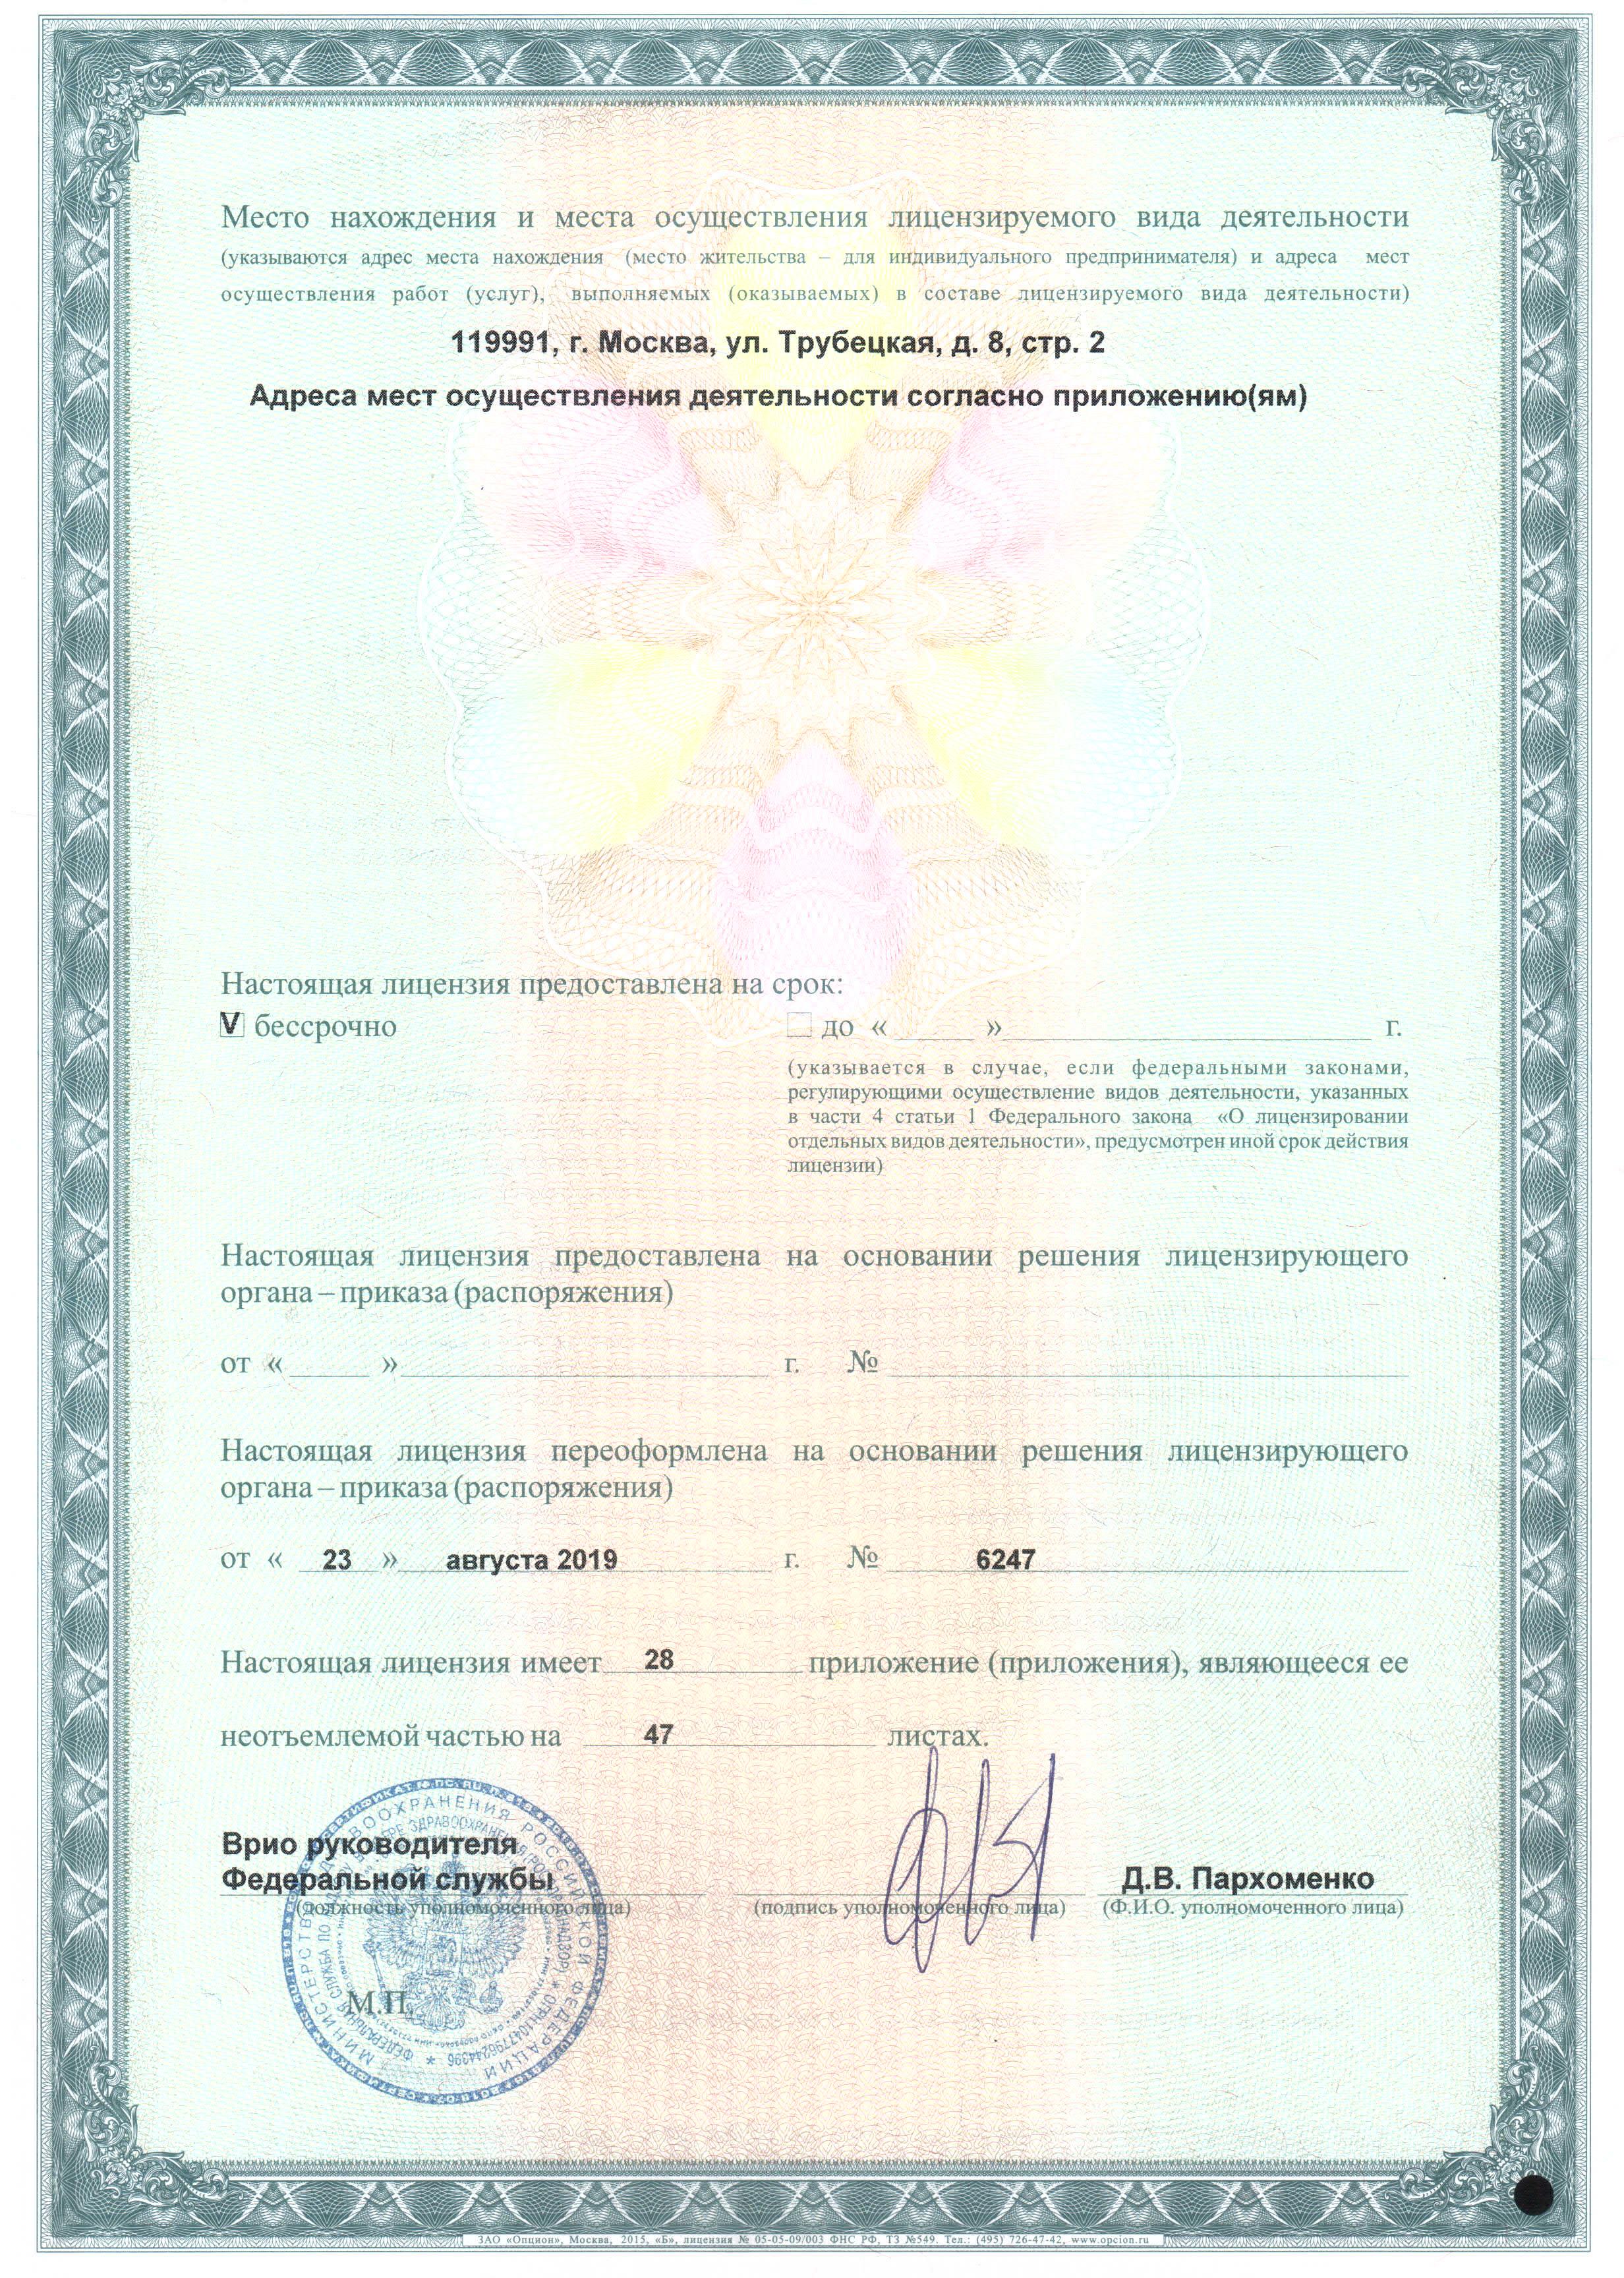 Лицензия на медицинскую деятельность от 15.08.19_Страница_02